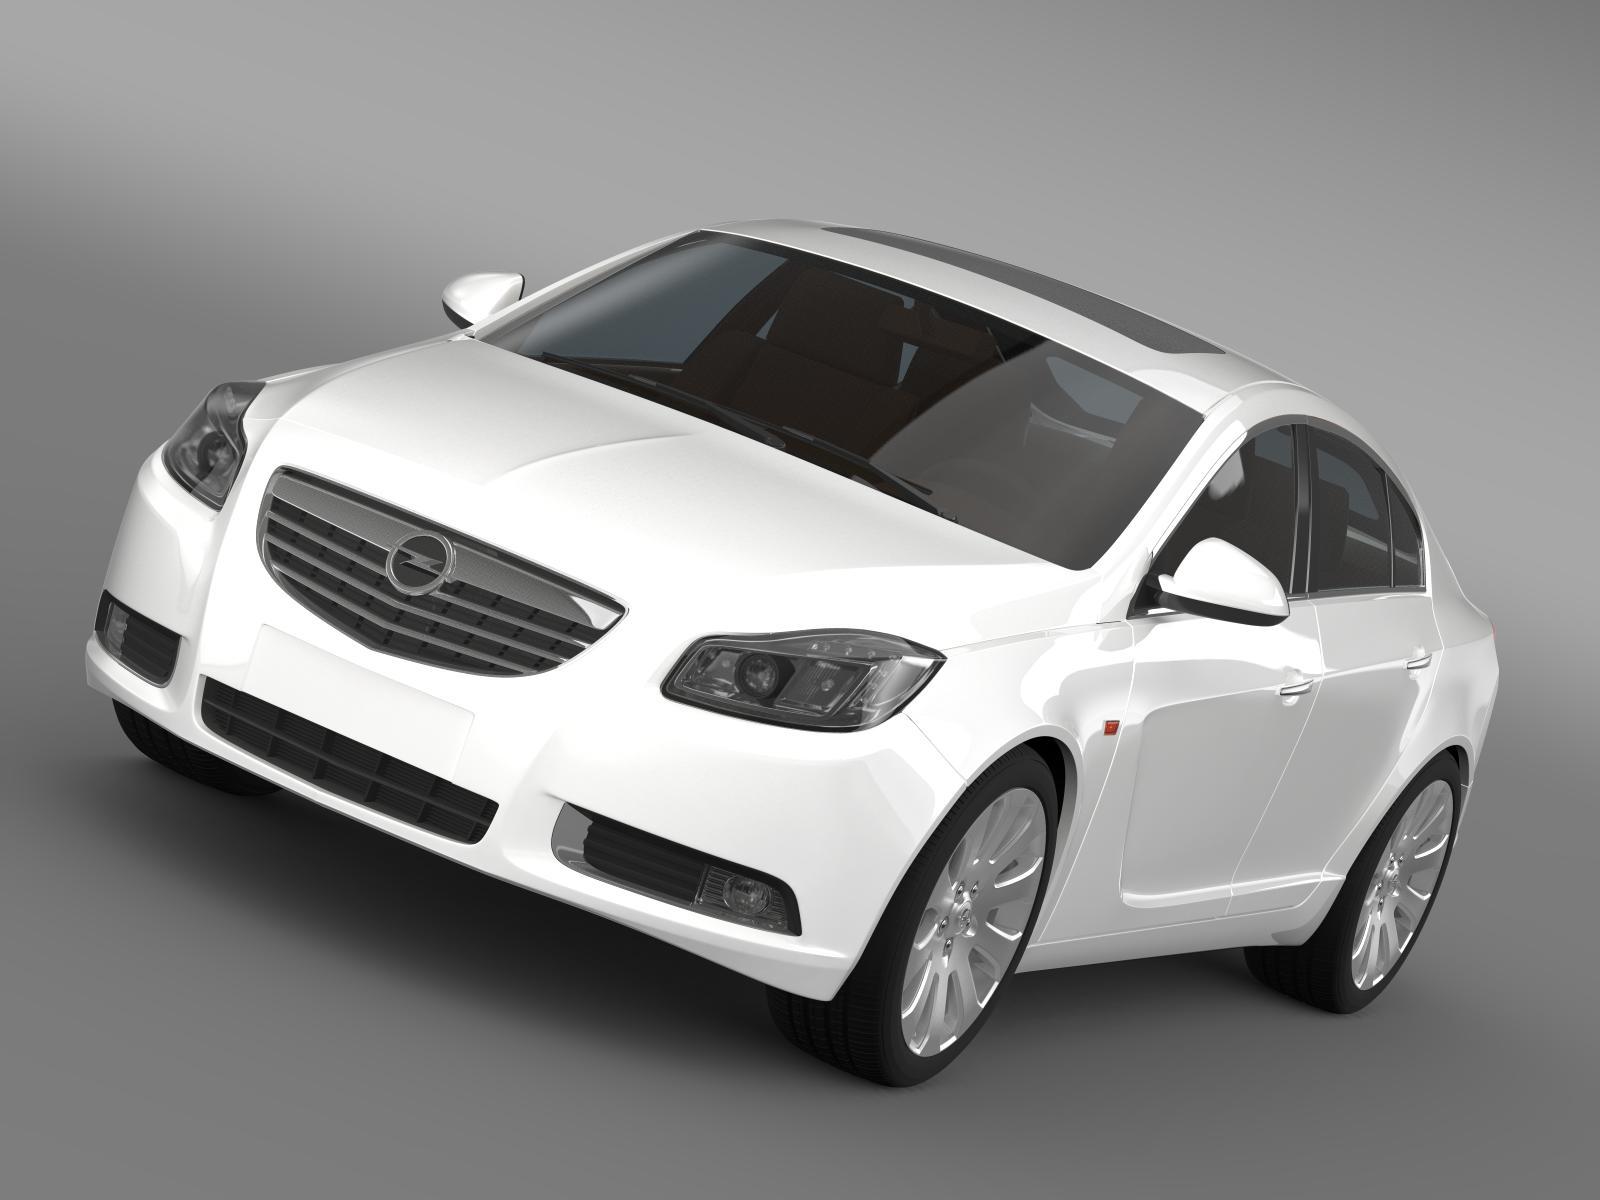 opel insignia hatchback model 2008-13 3d 3ds max fbx c4d ar gyfer yr hrc xsi obj